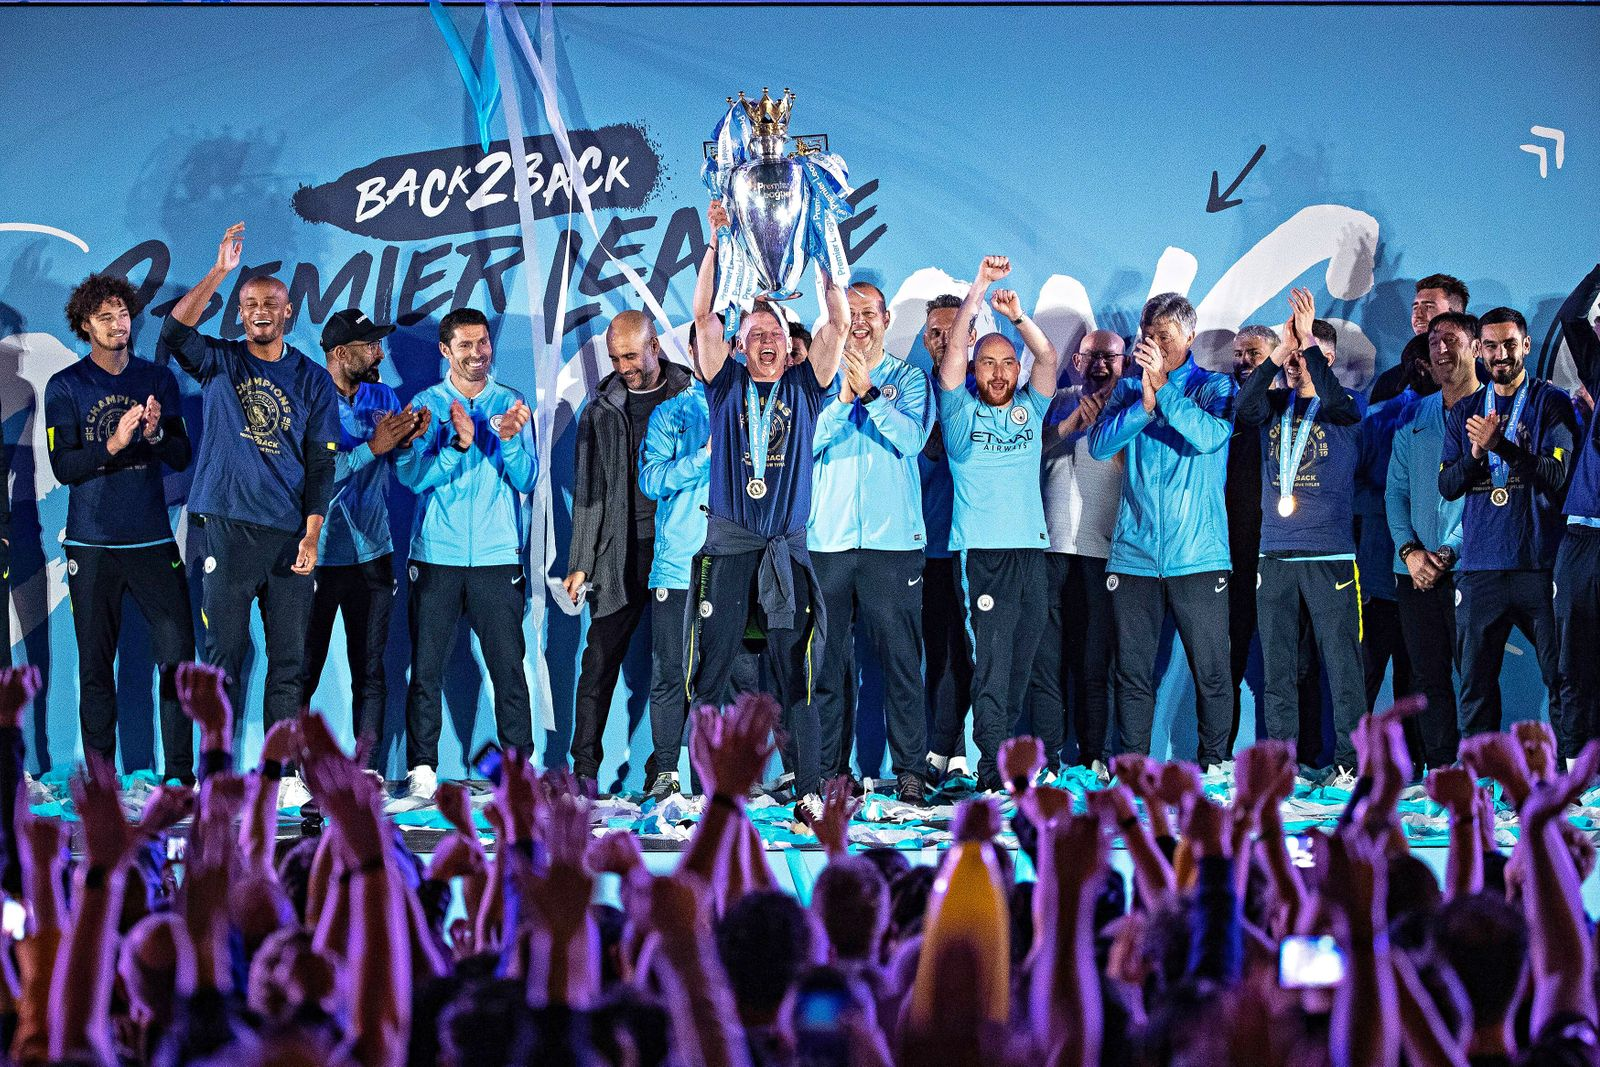 Fuflball Manchester City Meisterschaftsfeier May 12 2019 Manchester Greater Manchester UK Man